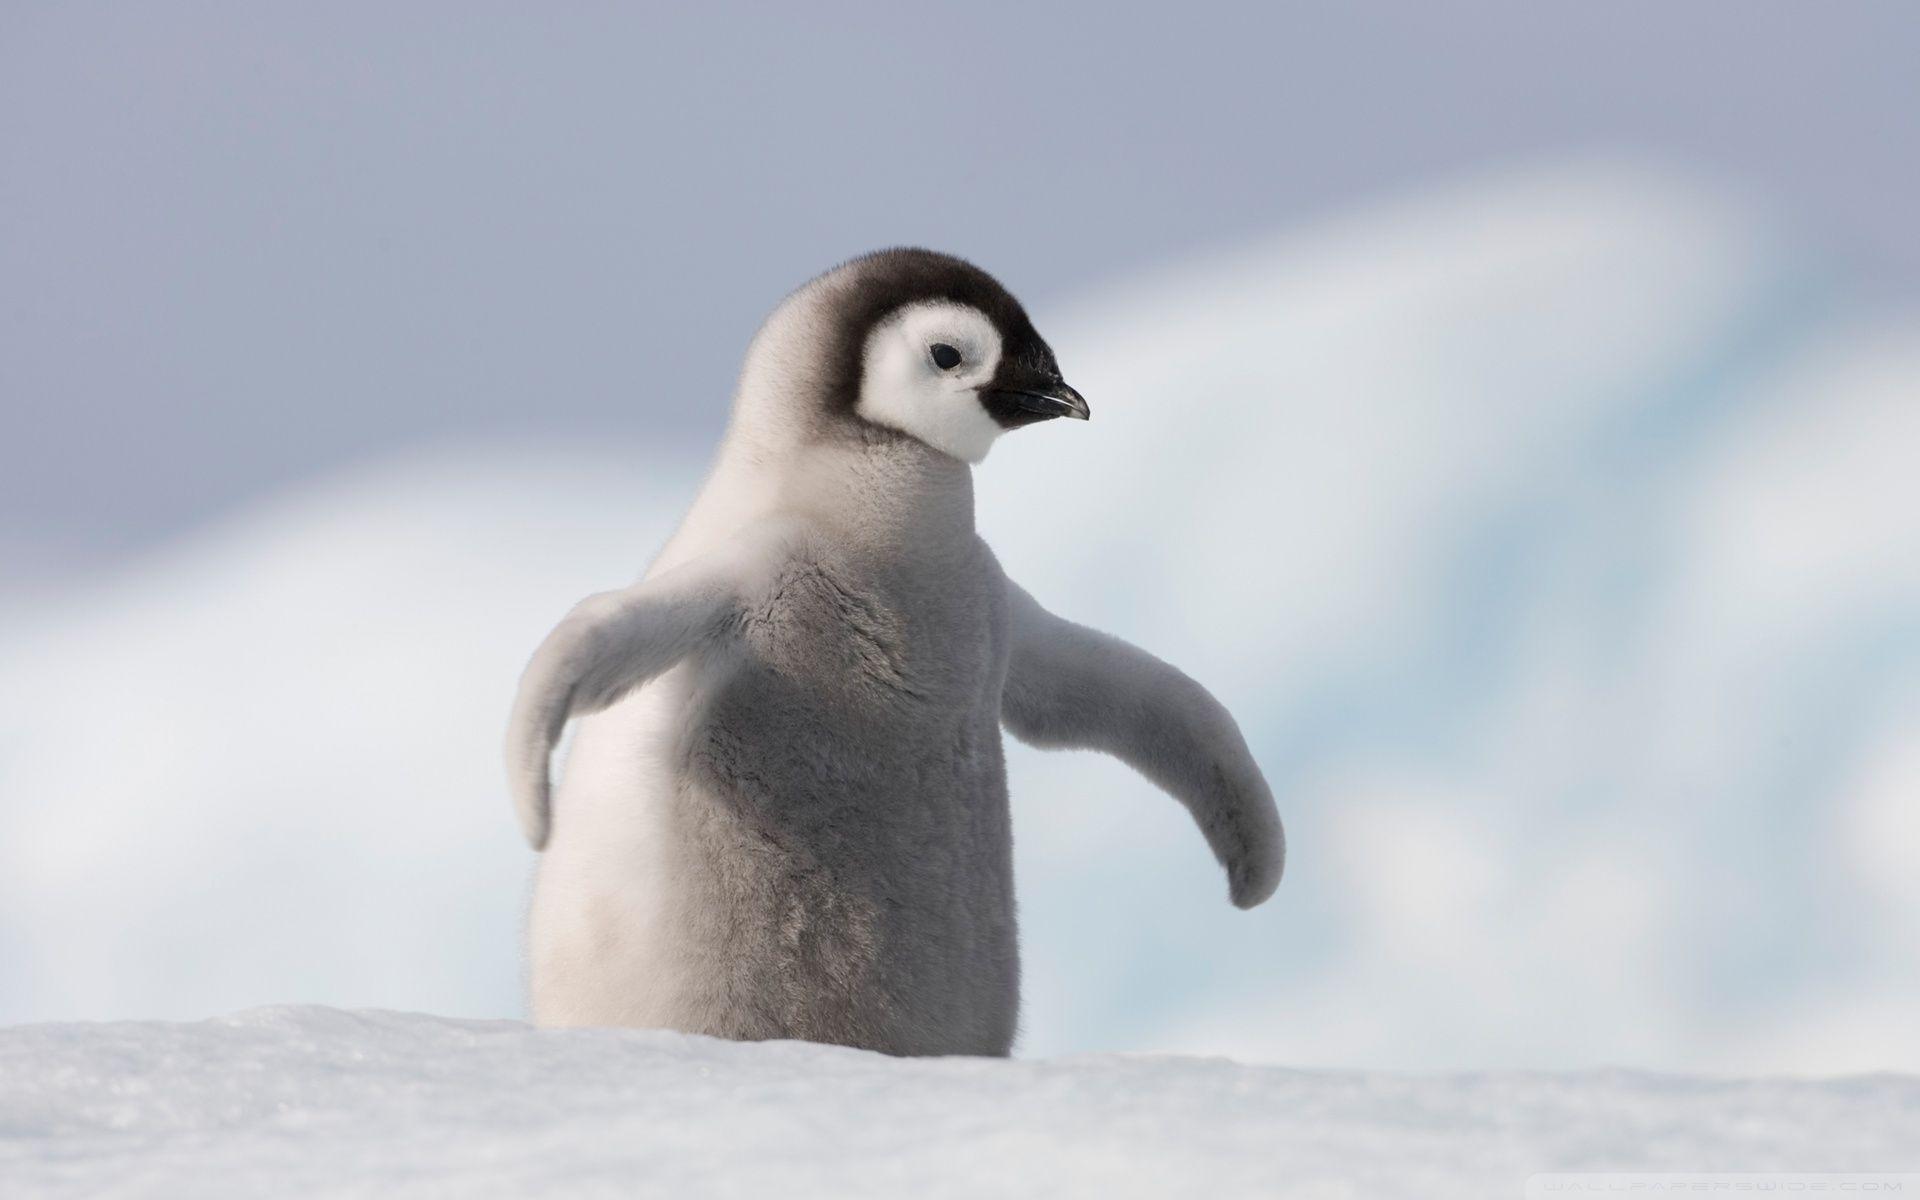 پنگوئن ها پرواز میکنند؟